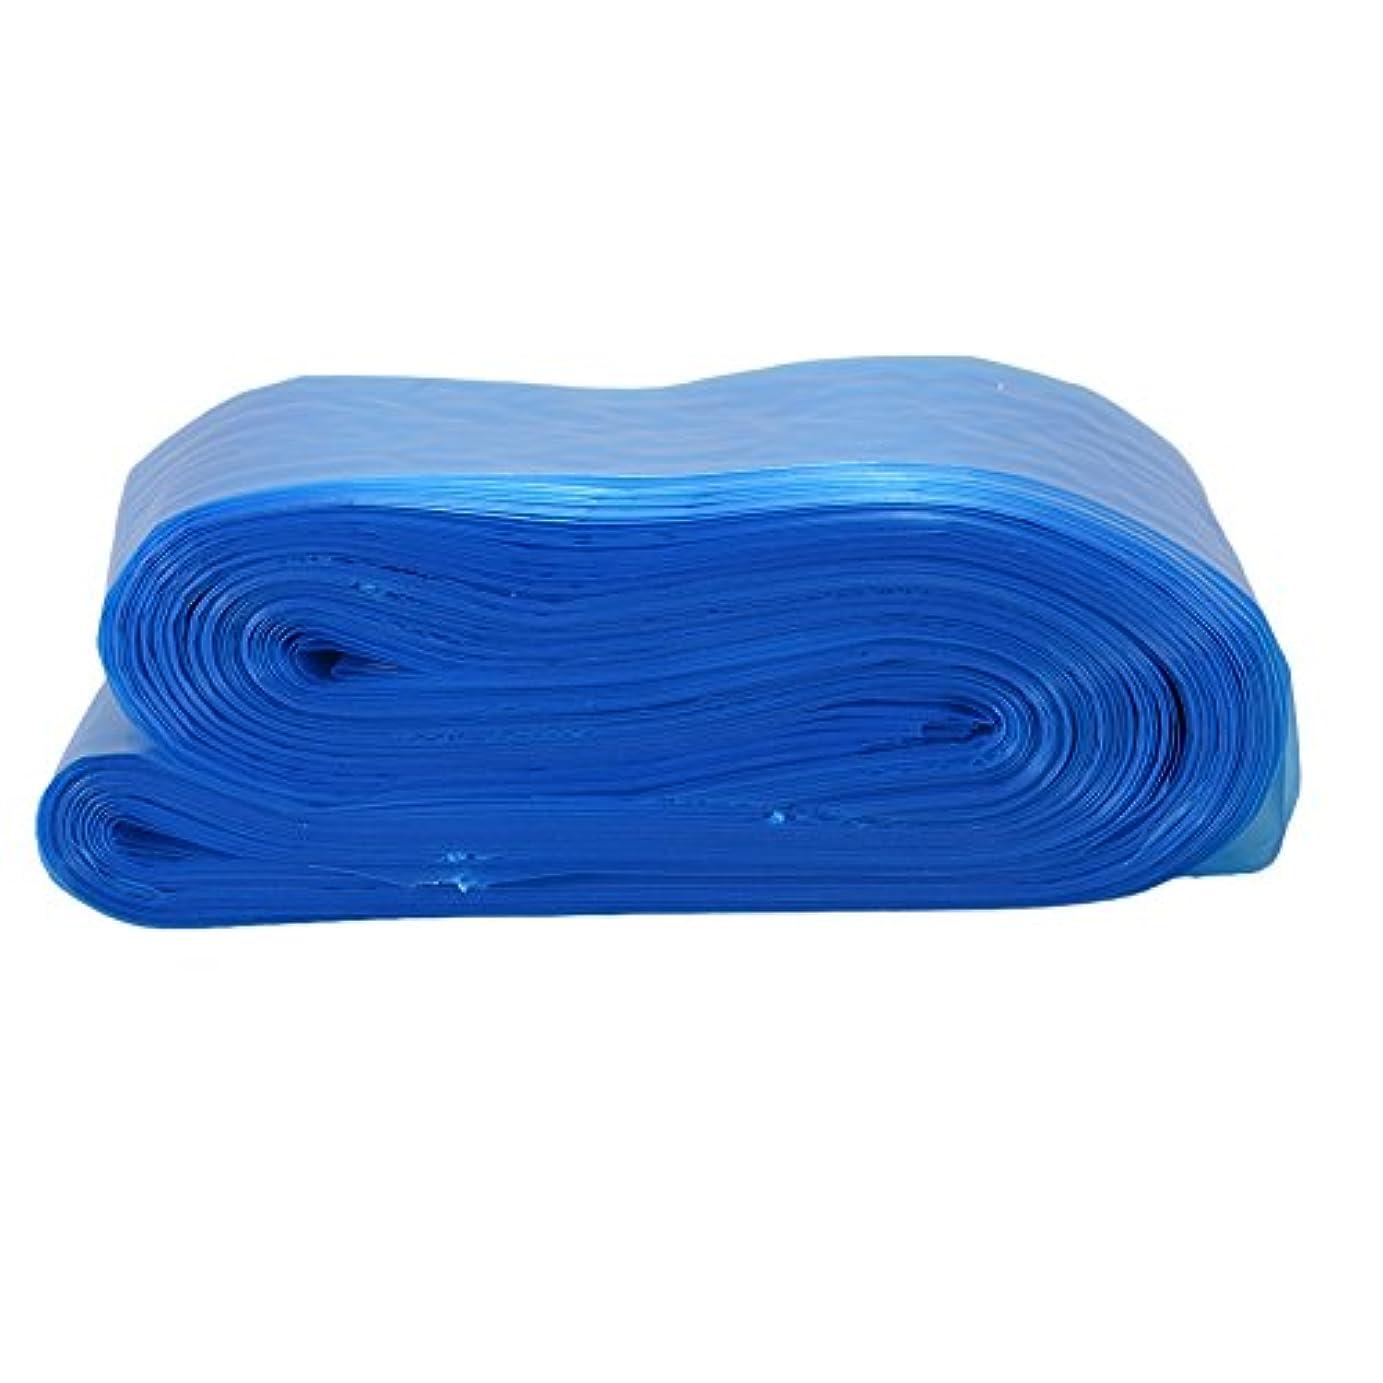 スナップ返済落ち着いたRaiFu タトゥークリップカバー バッグ タトゥーアクセサリー コード スリーブバッグ タトゥーマシンのため 使い捨て プロフェッショナル ブルー 100PCS/パック